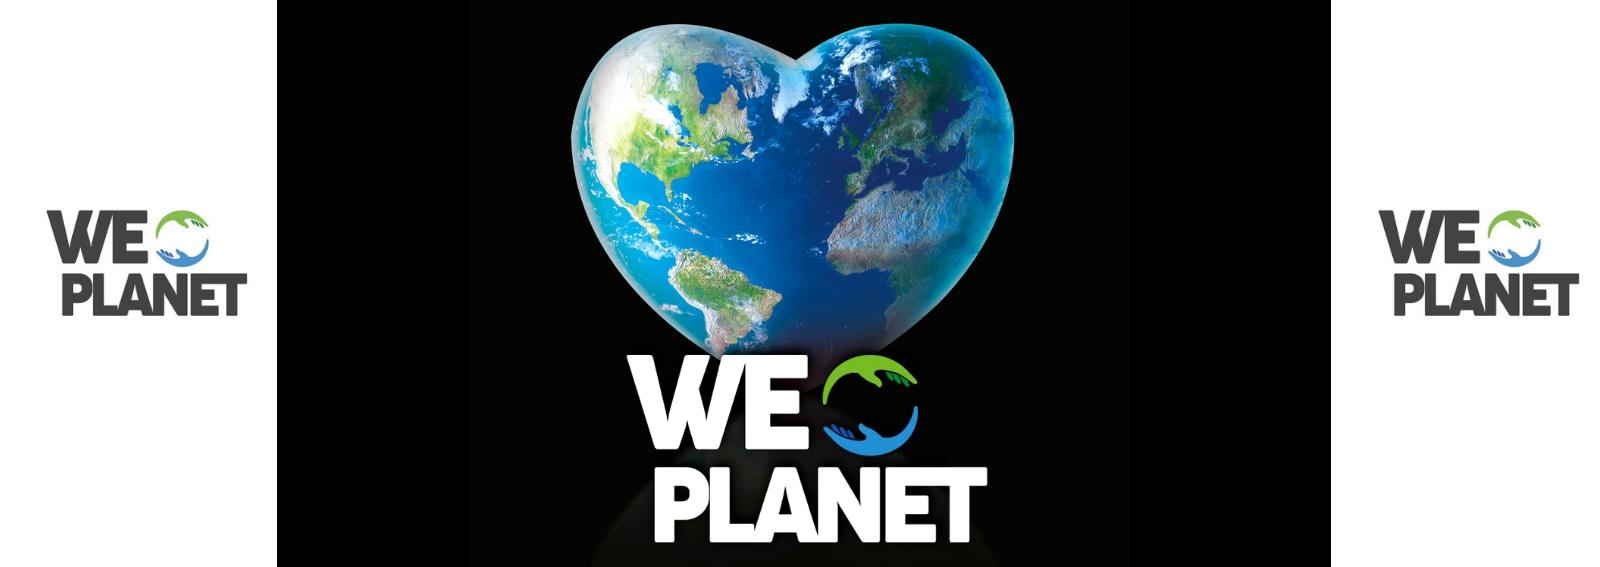 weplanet milano 2020 globi di artista installazione DESK